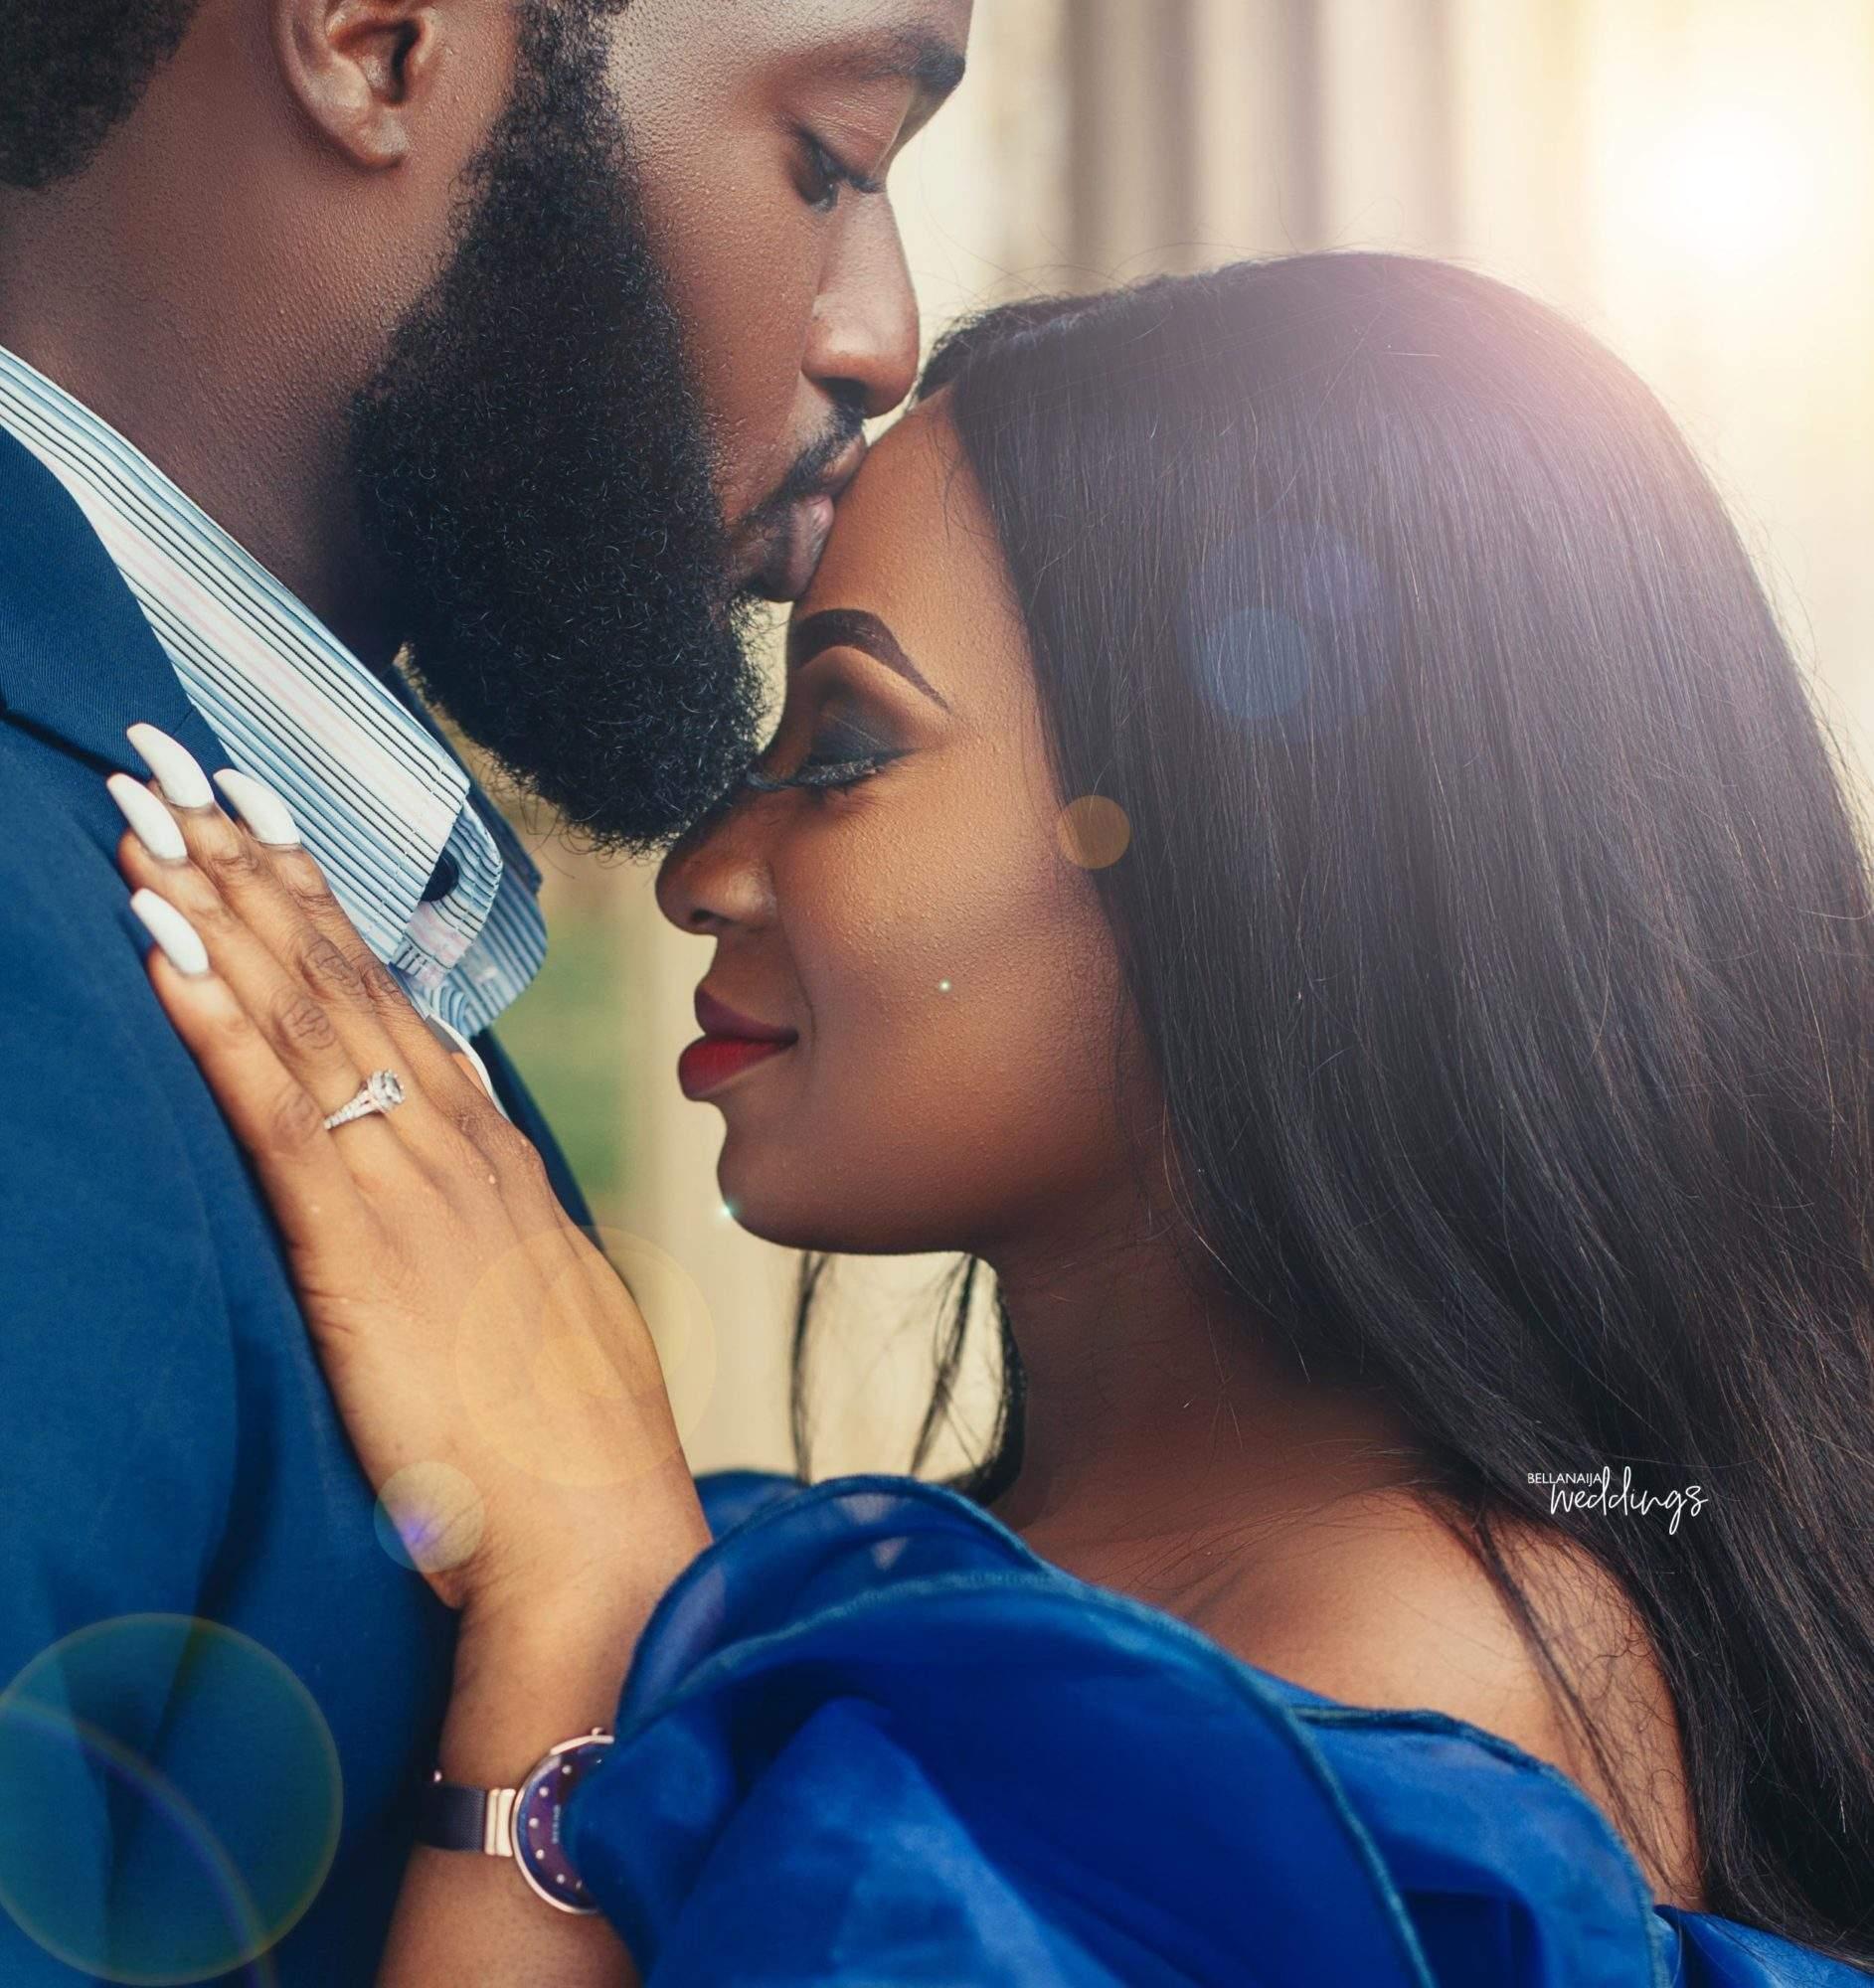 Avocats amoureux! Nkiru & Kodili's Shoot pré-mariage + Histoire d'amour